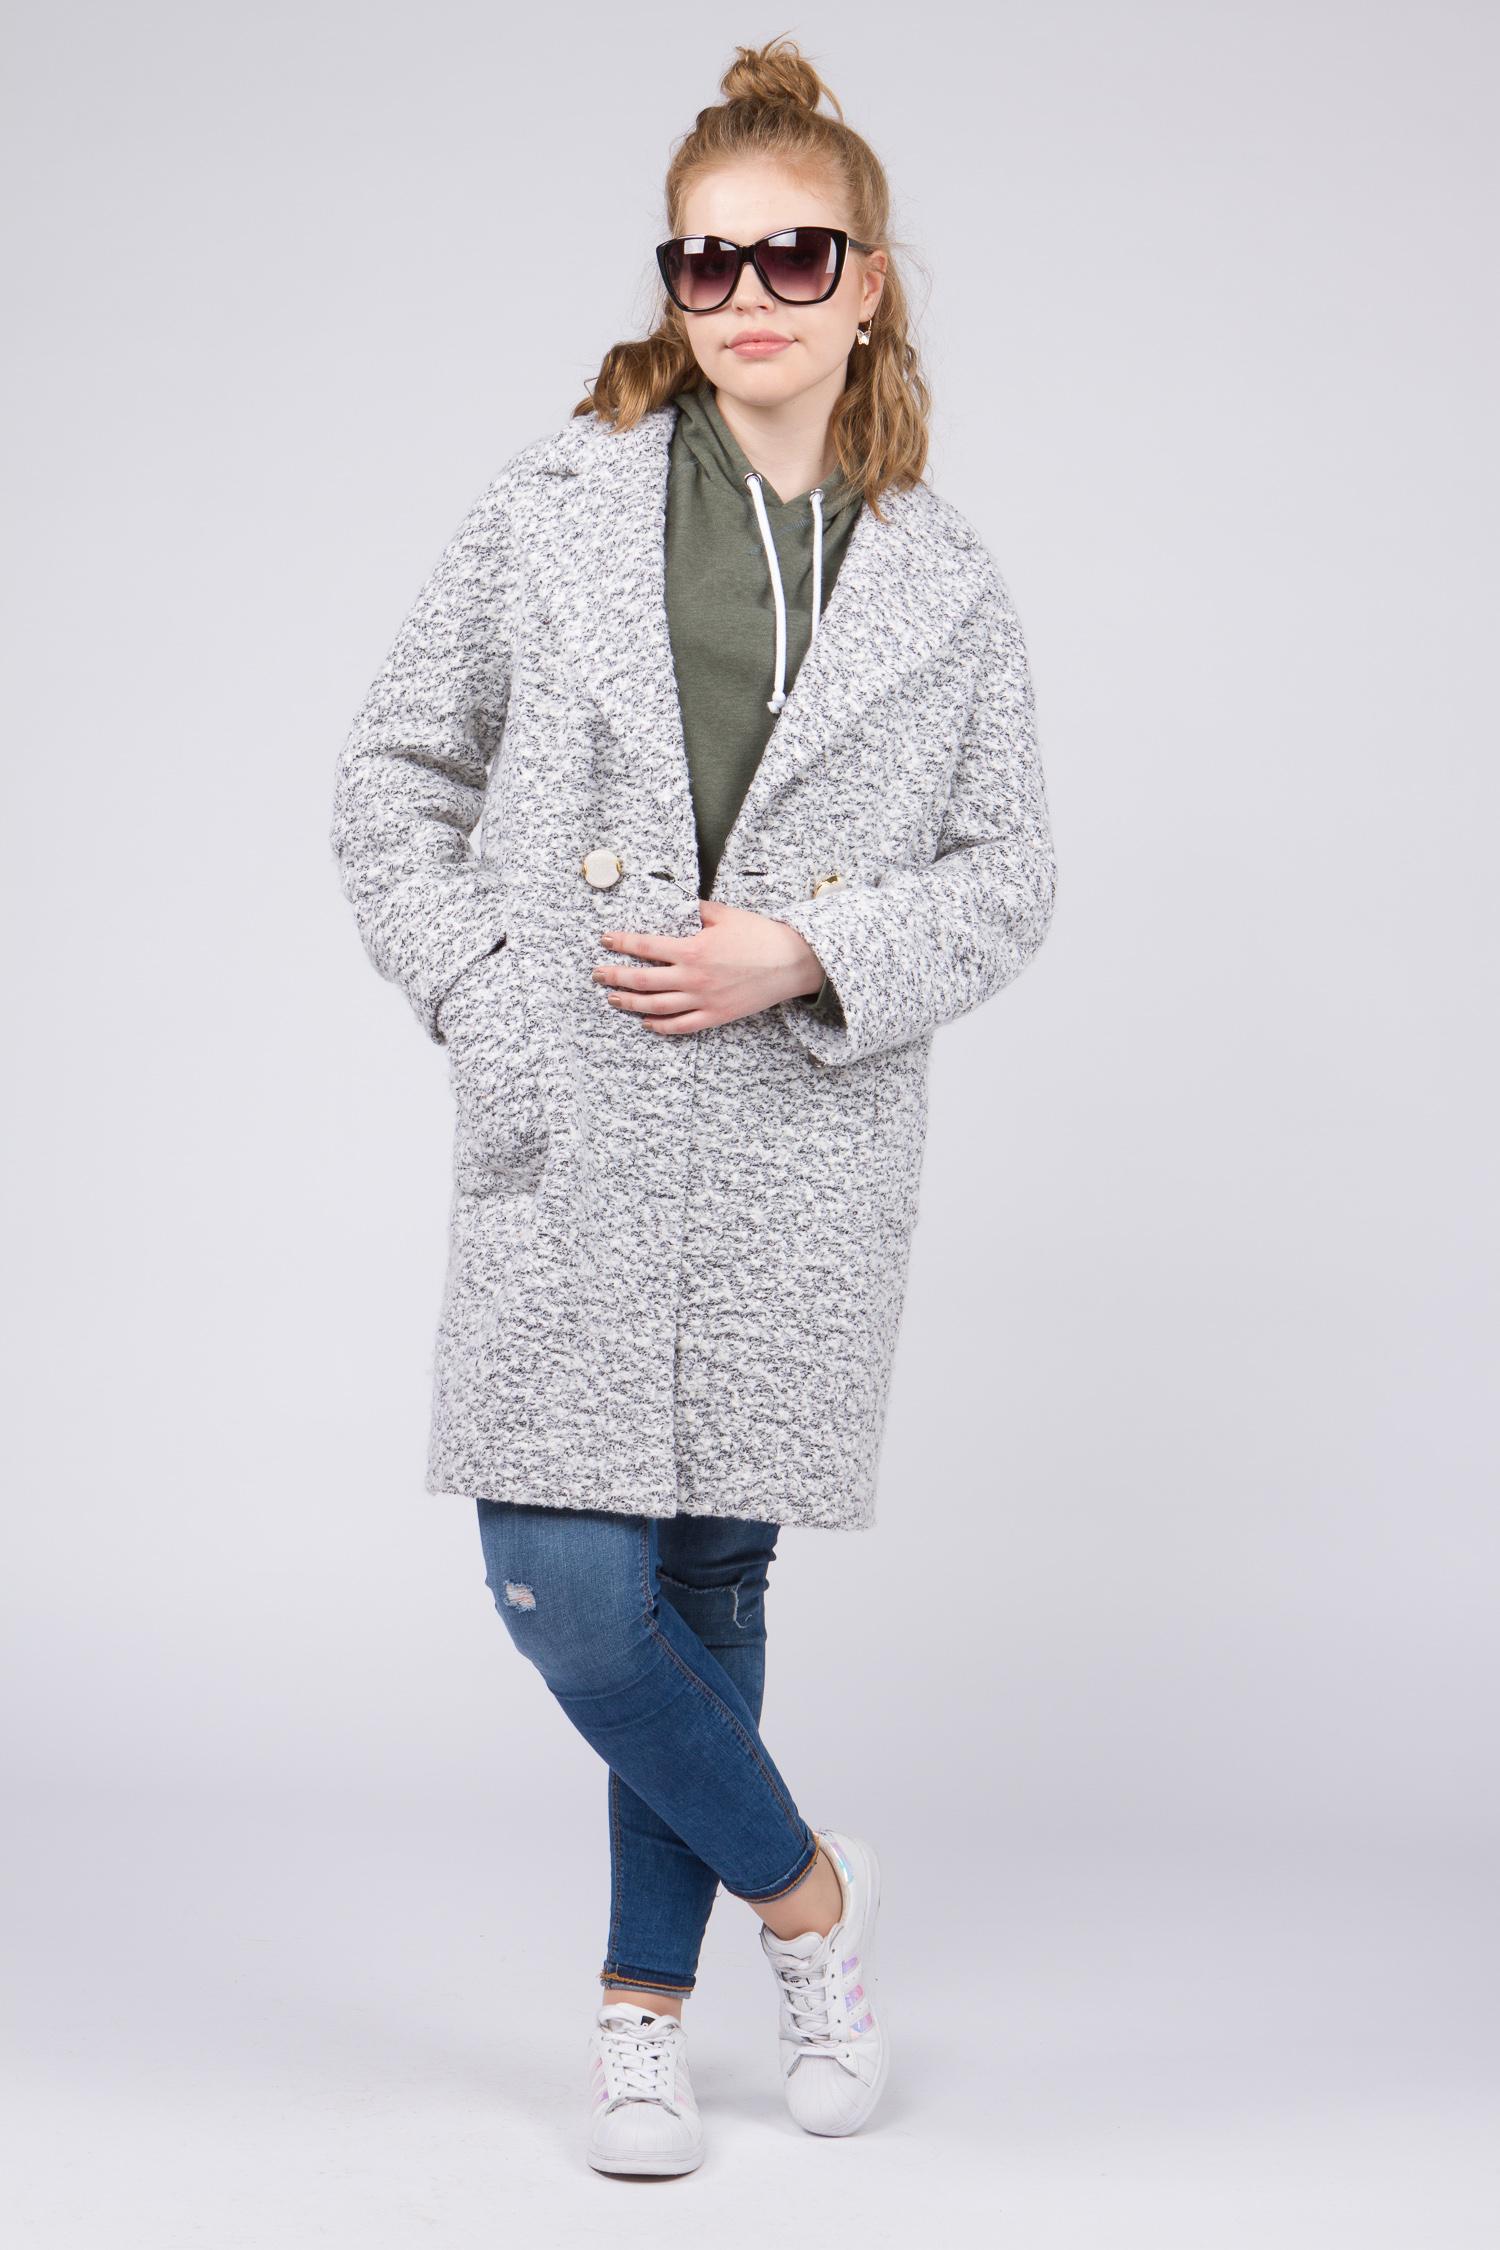 Женское пальто с воротником, без отделки. Производитель: Московская Меховая Компания, артикул: 8955